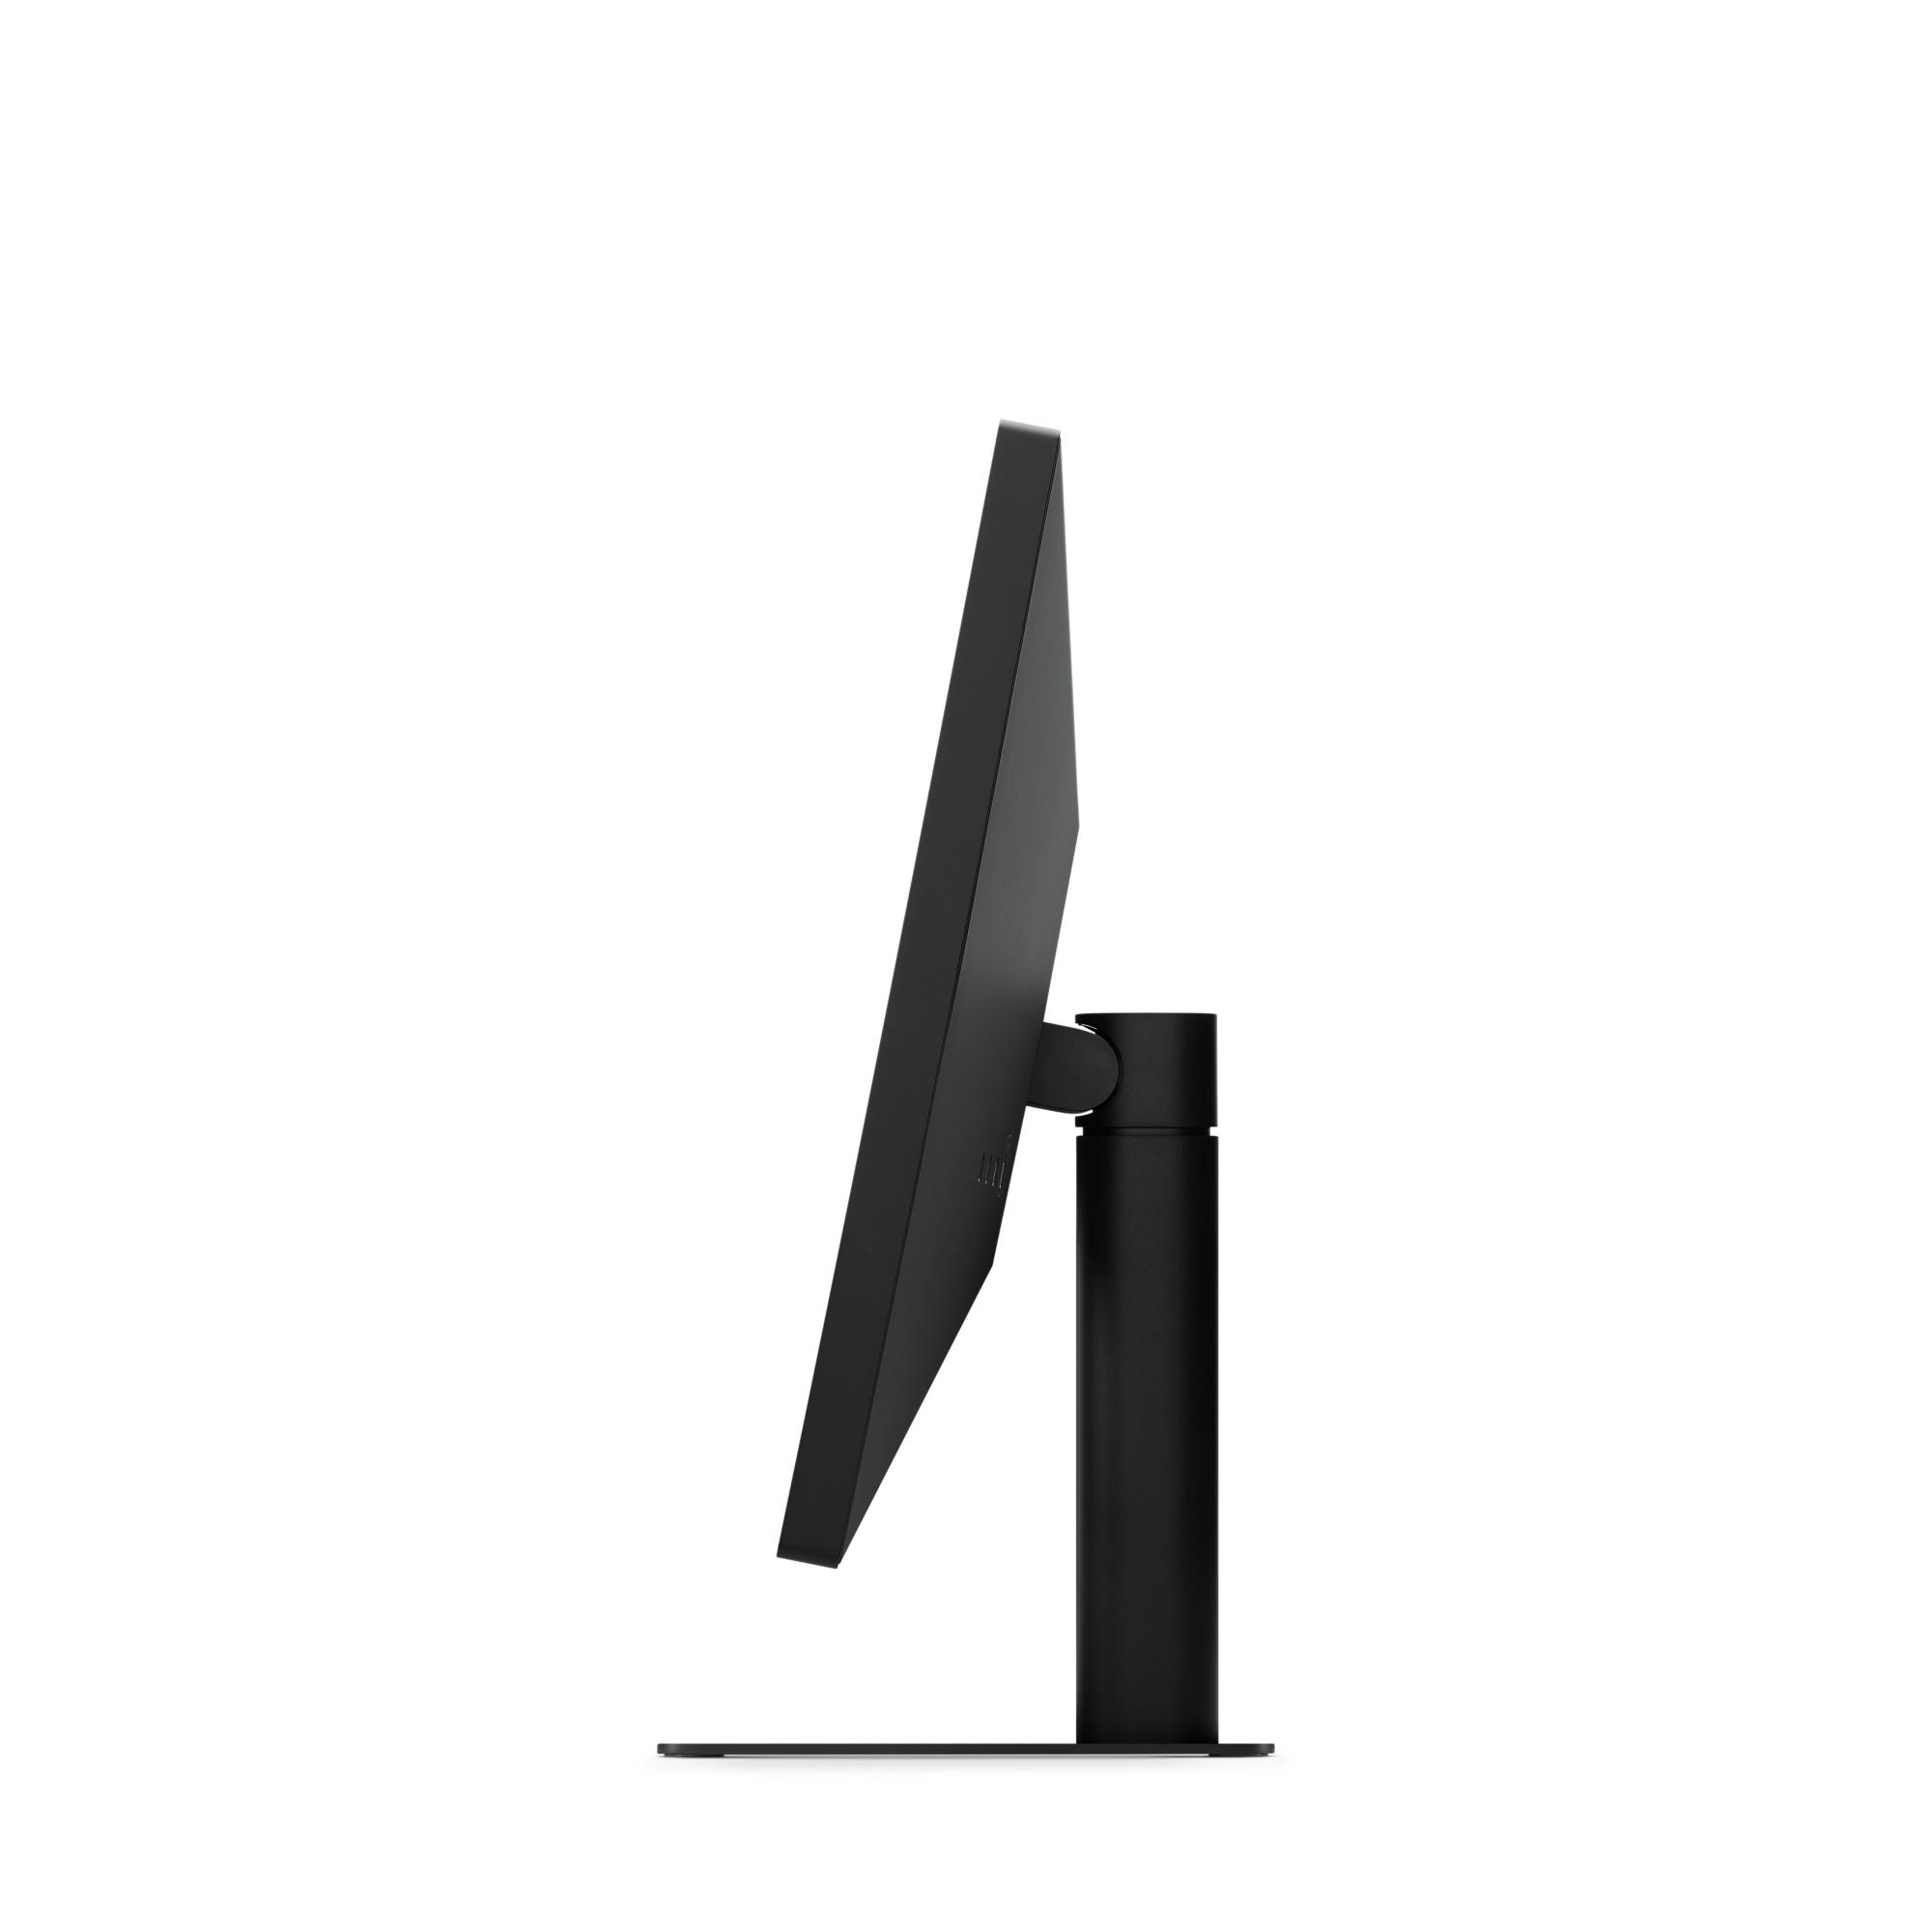 lg-ultrafine-5k-display-side